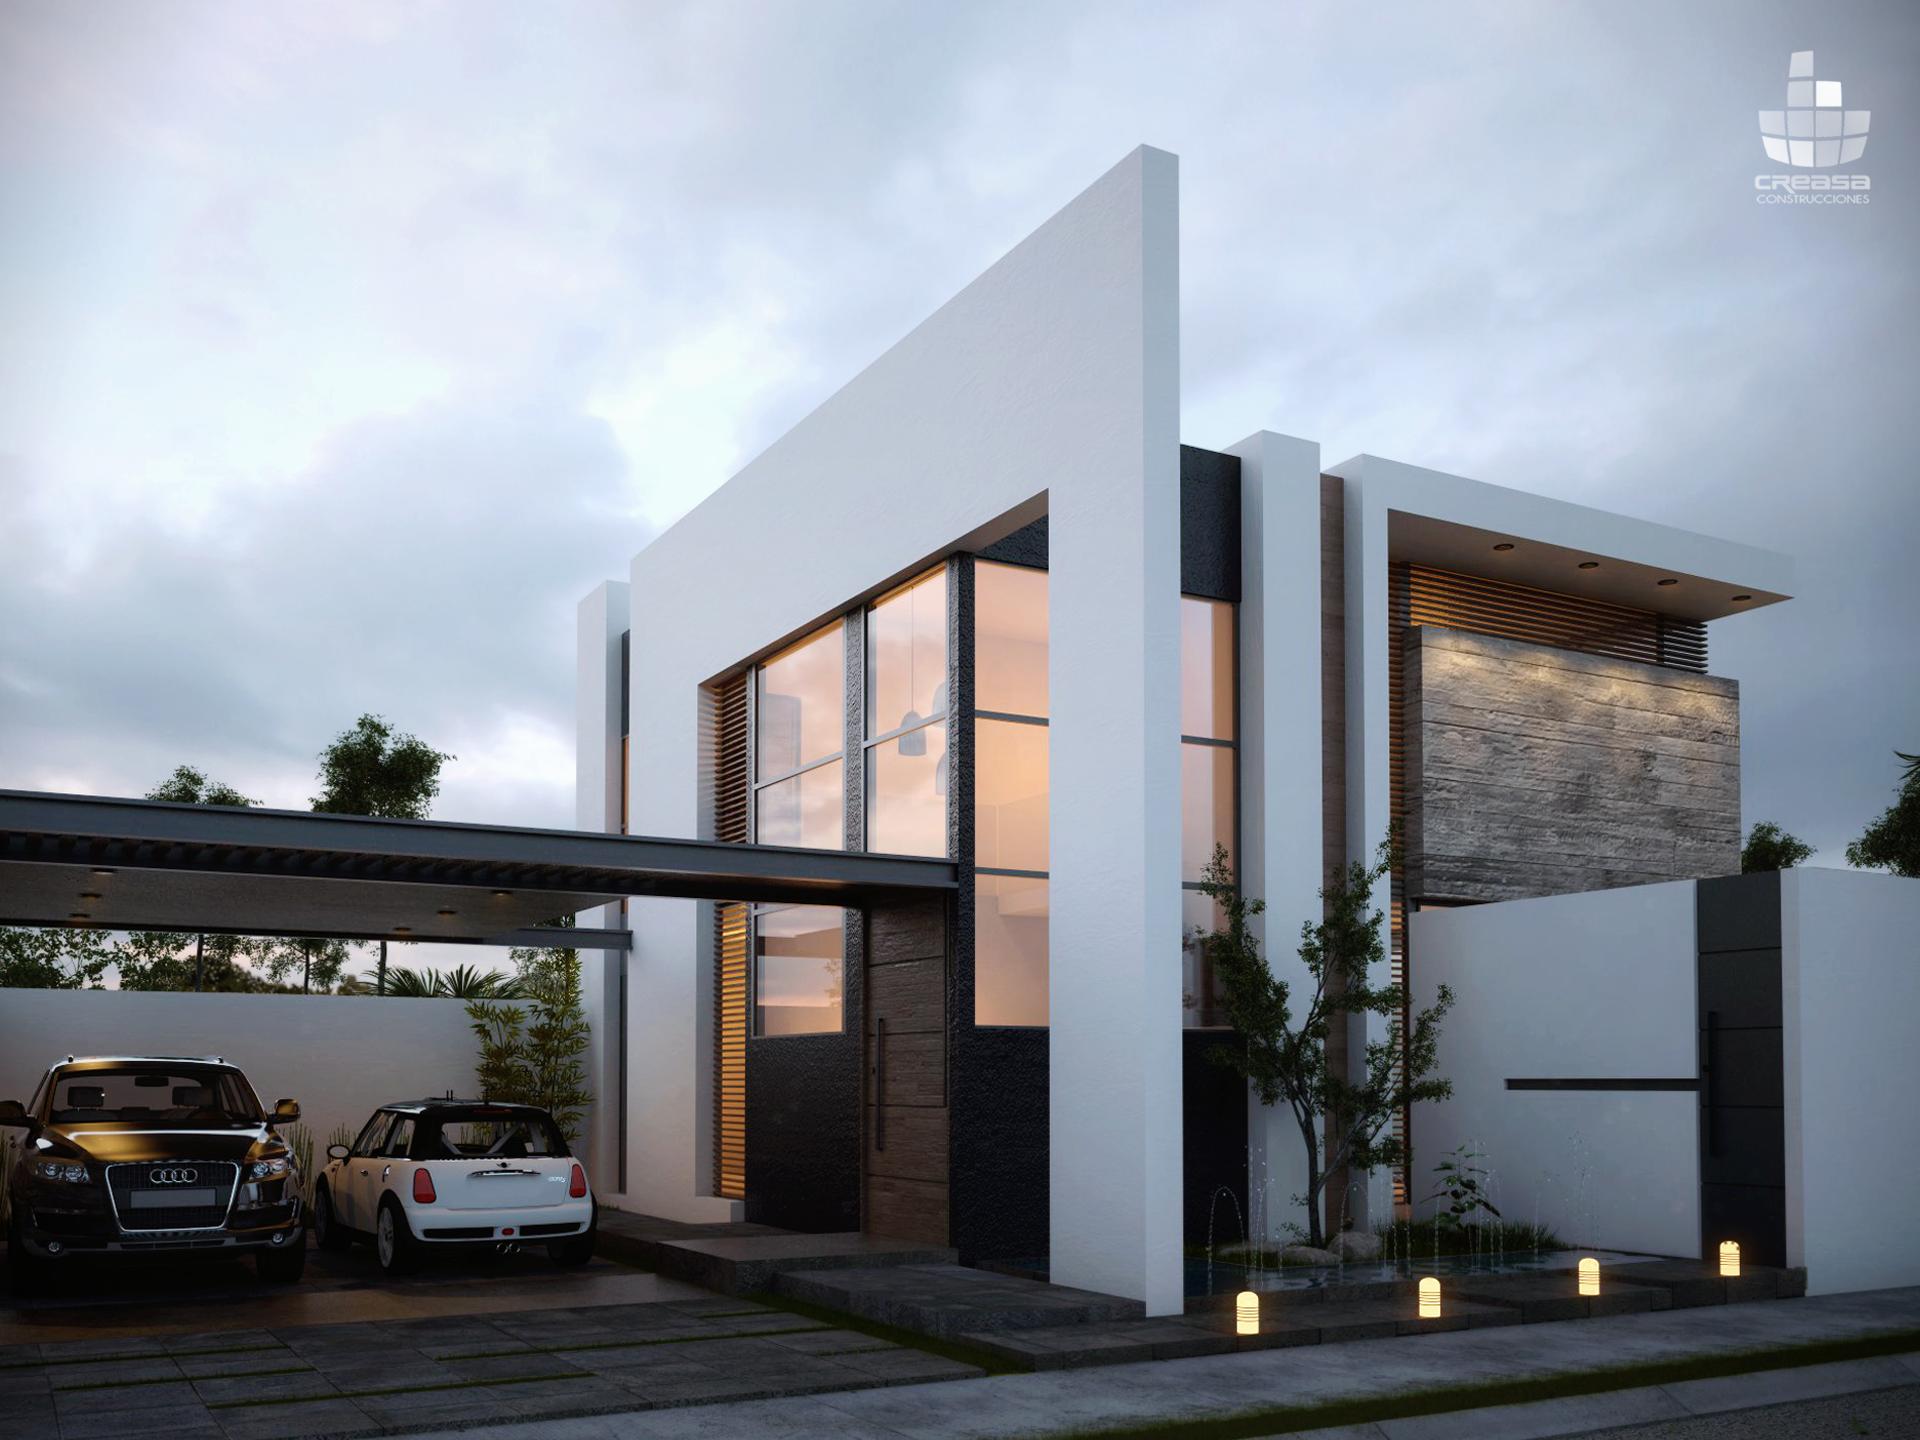 Casa residencial en colima m xico oscar fachada for Casa minimalista residencial